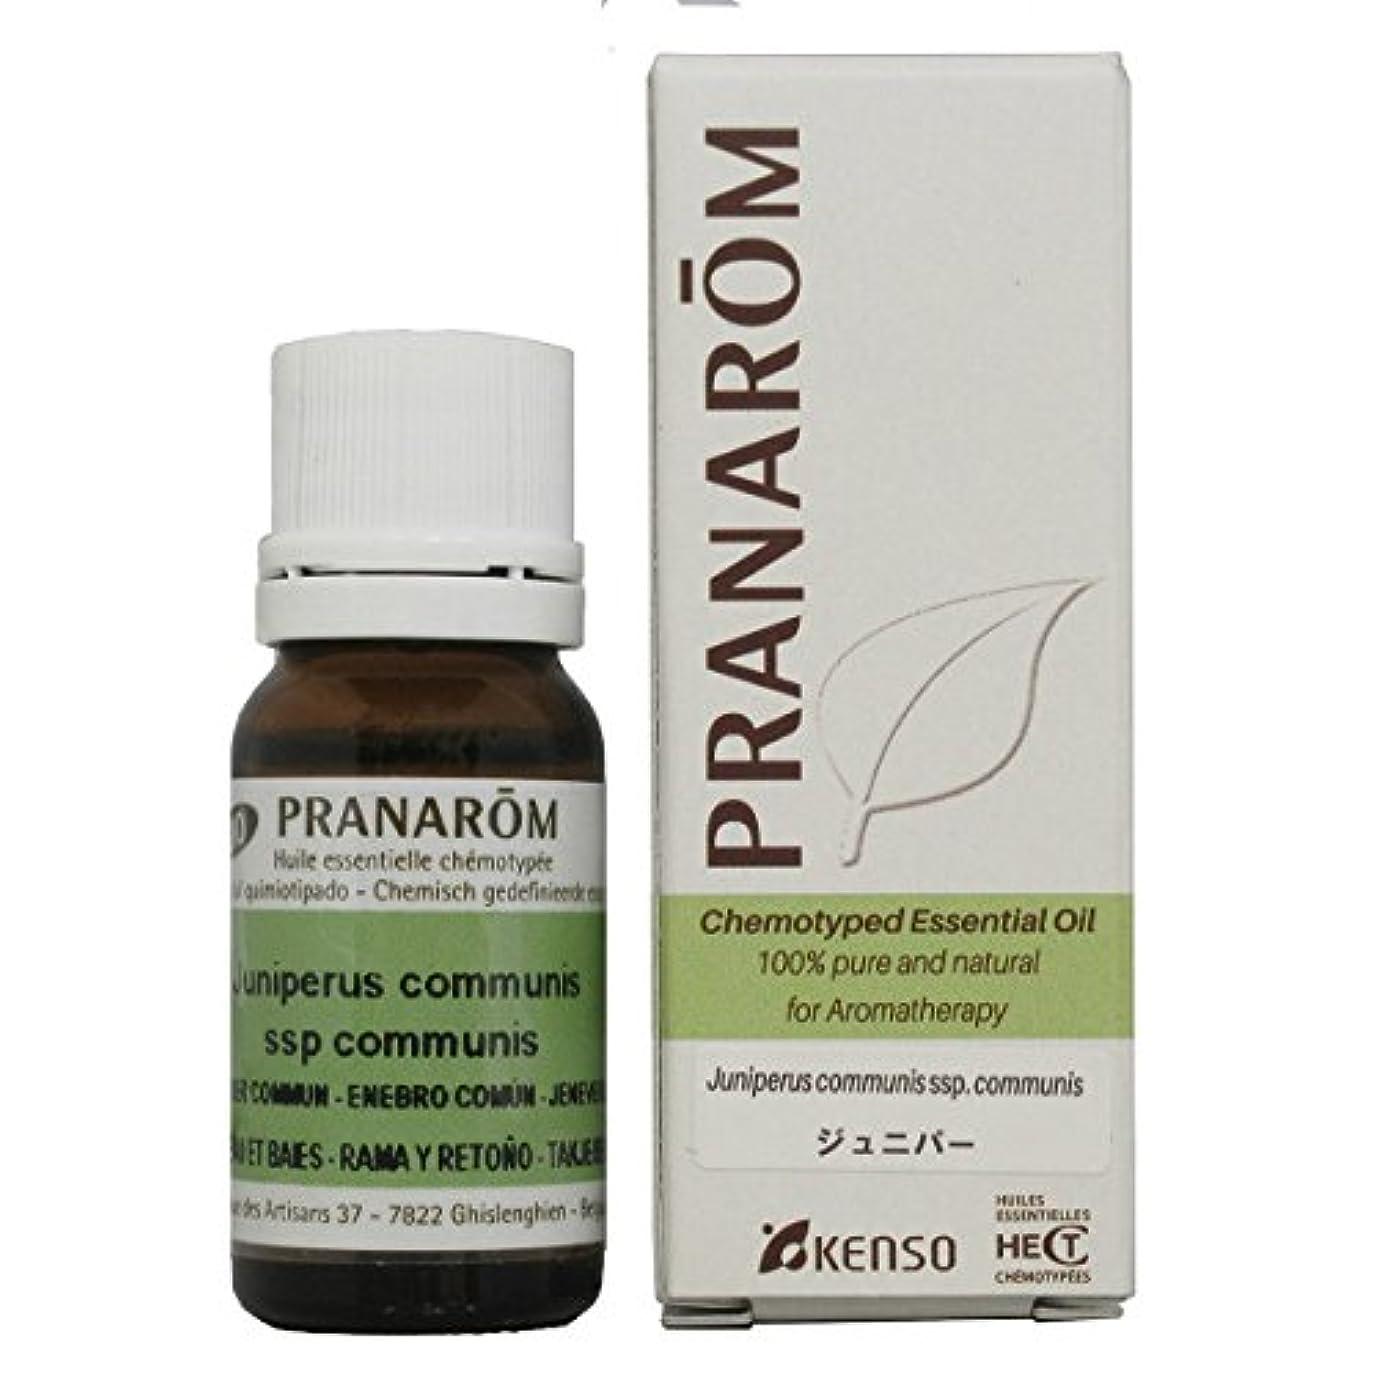 霧キャスト緊張プラナロム ジュニパー(葉枝) 10ml (PRANAROM ケモタイプ精油)